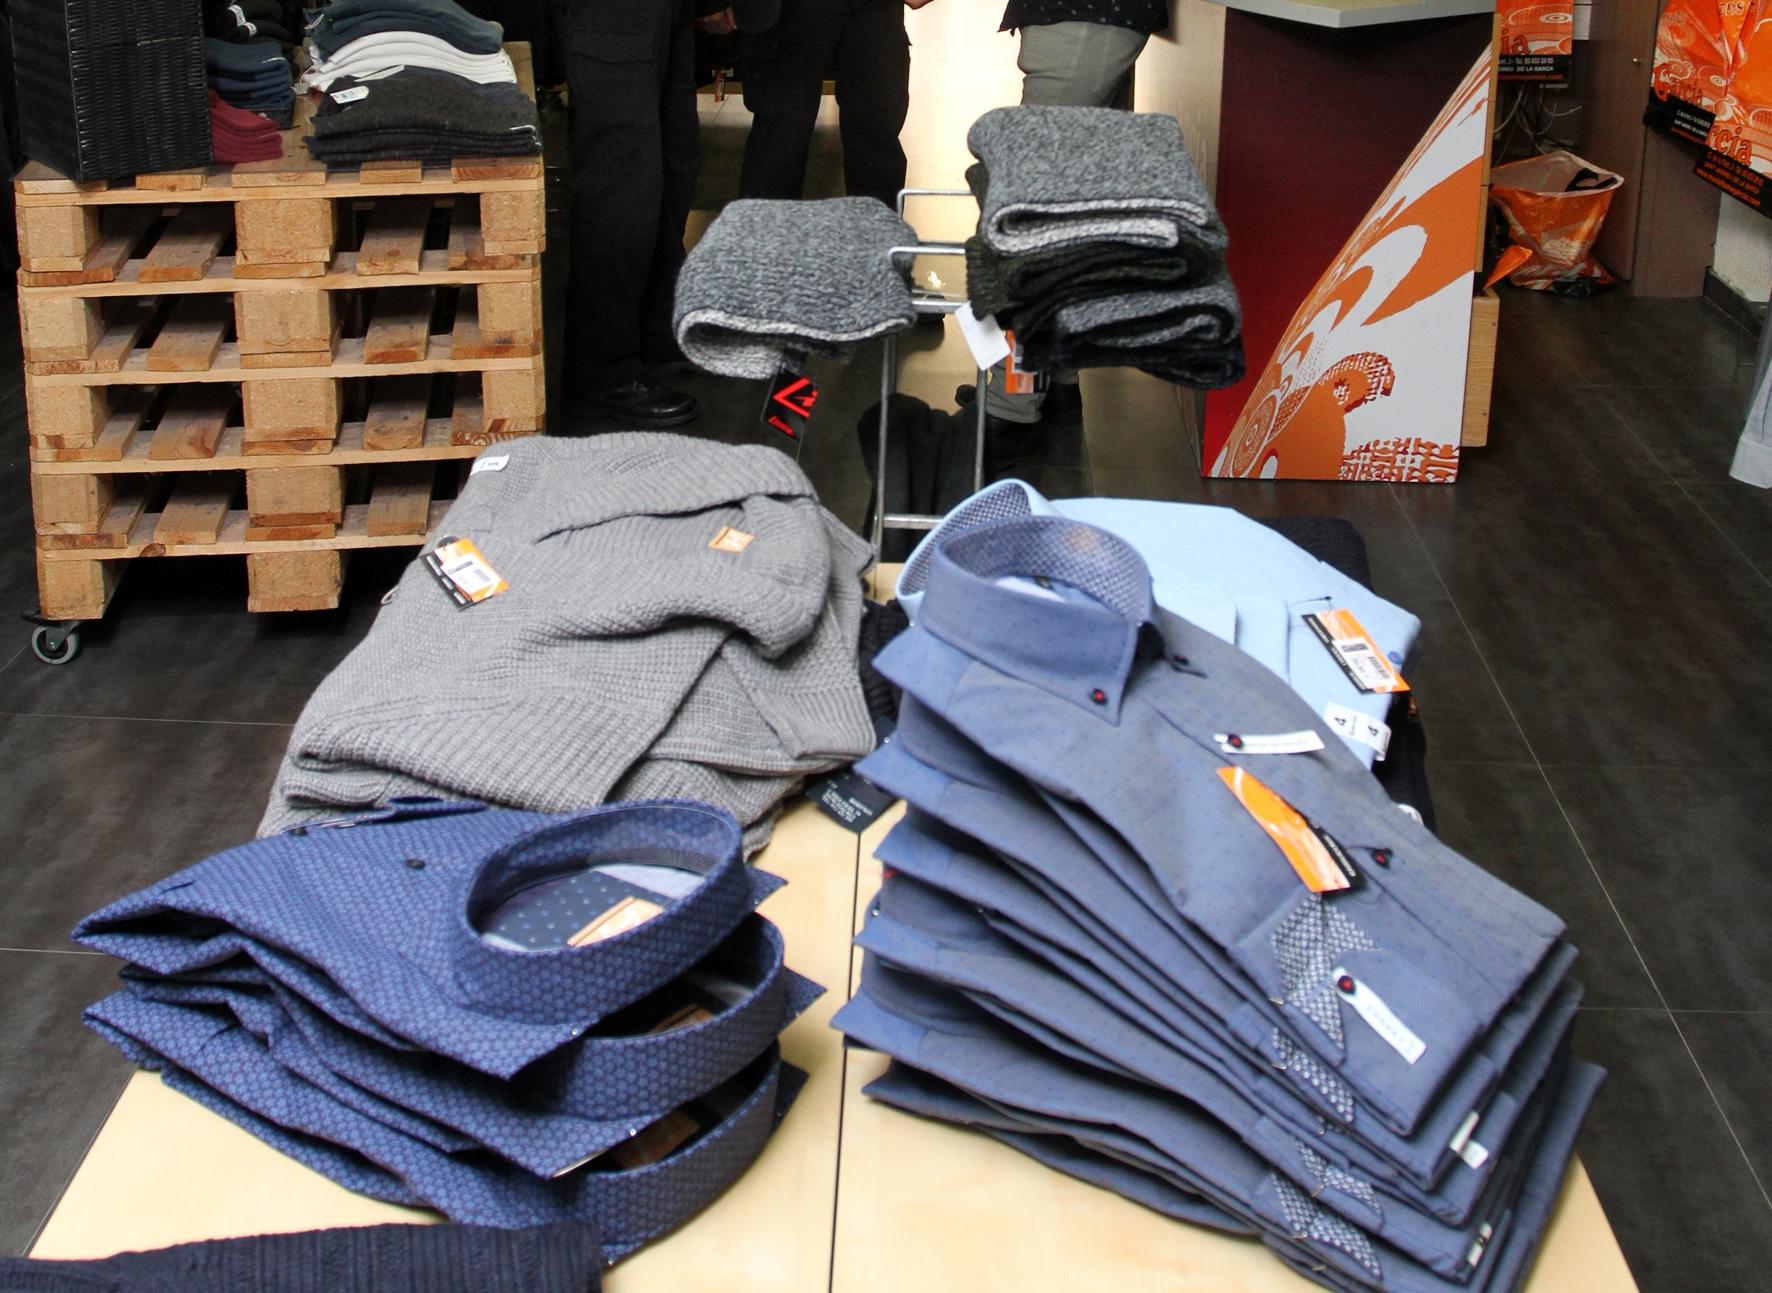 L'Ajuntament ajuda amb fins 5.000 euros als emprenedors que posin en marxa una idea de negoci